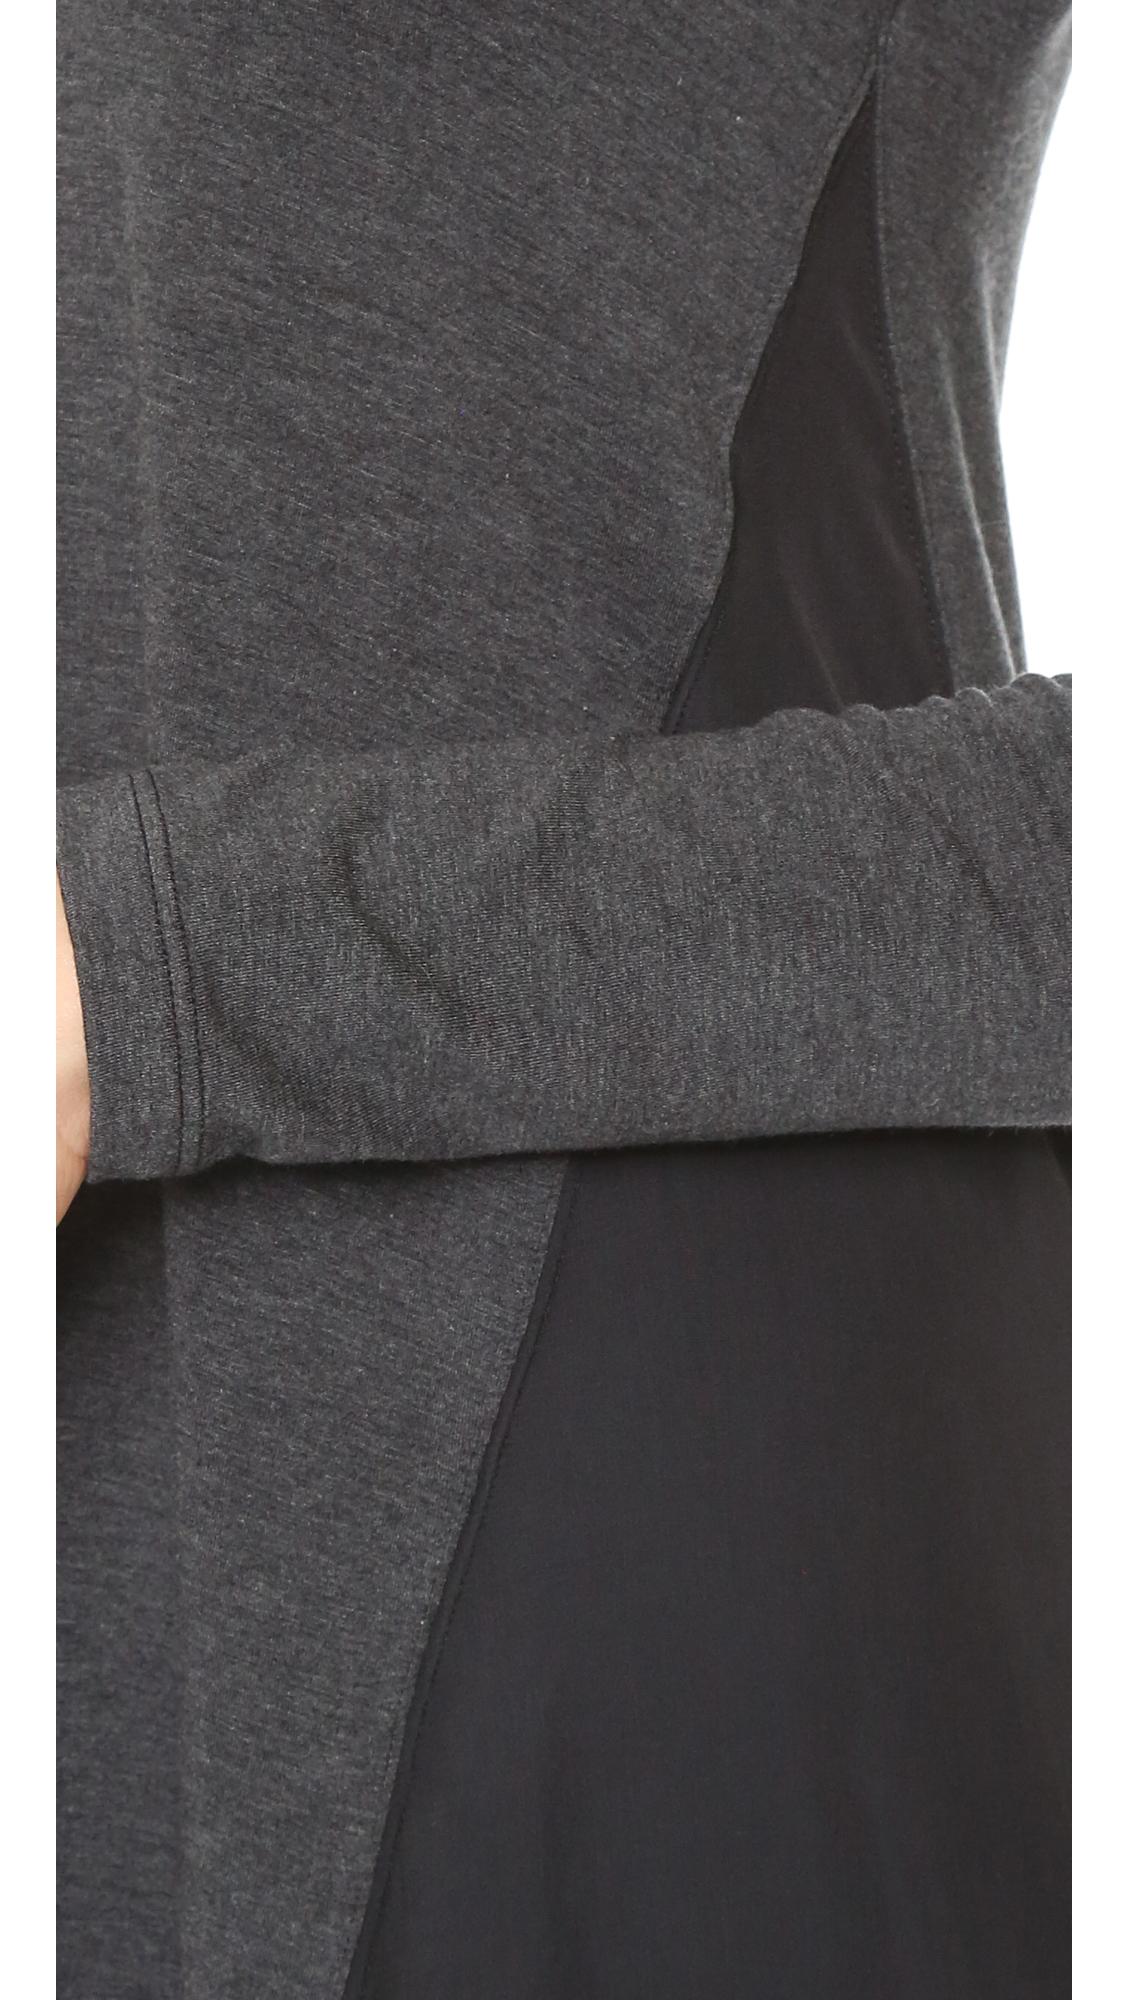 Splendid Long Sleeve Flowy Dress - Charcoal in Grey